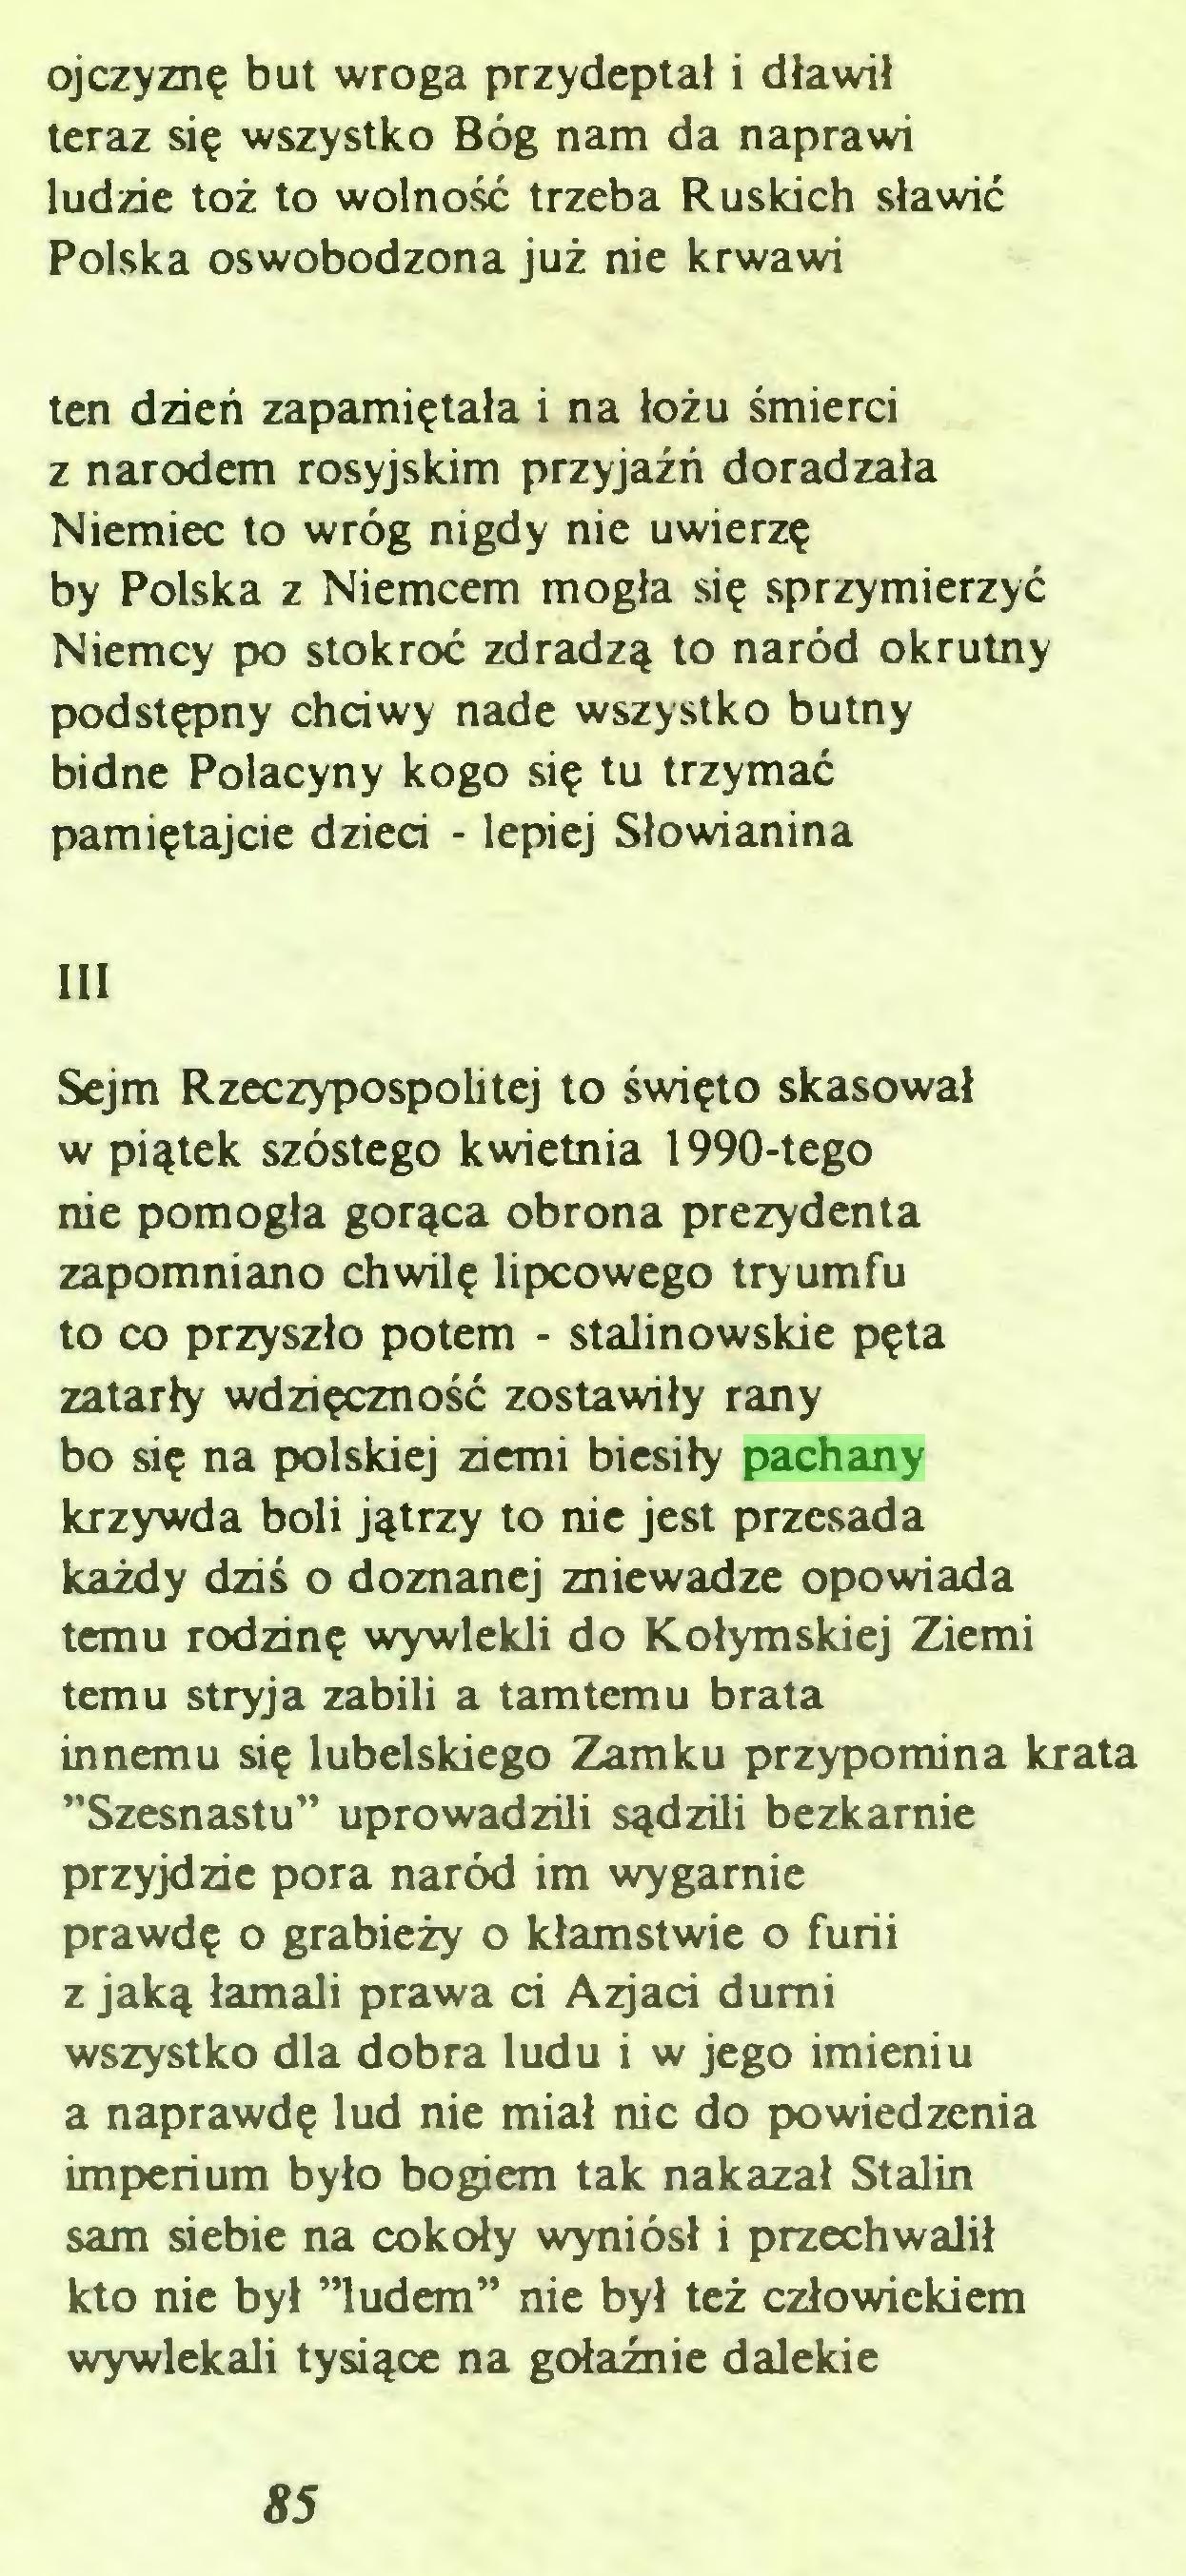 """(...) ojczyznę but wroga przydeptał i dławił teraz się wszystko Bóg nam da naprawi ludzie toż to wolność trzeba Ruskich sławić Polska oswobodzona już nie krwawi ten dzień zapamiętała i na łożu śmierci z narodem rosyjskim przyjaźń doradzała Niemiec to wróg nigdy nie uwierzę by Polska z Niemcem mogła się sprzymierzyć Niemcy po stokroć zdradzą to naród okrutny podstępny chciwy nade wszystko butny bidne Polacyny kogo się tu trzymać pamiętajcie dzieci - lepiej Słowianina III Sejm Rzeczypospolitej to święto skasował w piątek szóstego kwietnia 1990-tego nie pomogła gorąca obrona prezydenta zapomniano chwilę lipcowego tryumfu to co przyszło potem - stalinowskie pęta zatarły wdzięczność zostawiły rany bo się na polskiej ziemi biesiły pachany krzywda boli jątrzy to nie jest przesada każdy dziś o doznanej zniewadze opowiada temu rodzinę wywlekli do Kołymskiej Ziemi temu stryja zabili a tamtemu brata innemu się lubelskiego Zamku przypomina krata ''Szesnastu"""" uprowadzili sądzili bezkarnie przyjdzie pora naród im wygarnie prawdę o grabieży o kłamstwie o furii z jaką łamali prawa ci Agaci durni wszystko dla dobra ludu i w jego imieniu a naprawdę lud nie miał nic do powiedzenia imperium było bogiem tak nakazał Stalin sam siebie na cokoły wyniósł i przechwalił kto nie był ''ludem"""" nie był też człowiekiem wywlekali tysiące na gołaźnie dalekie 85..."""